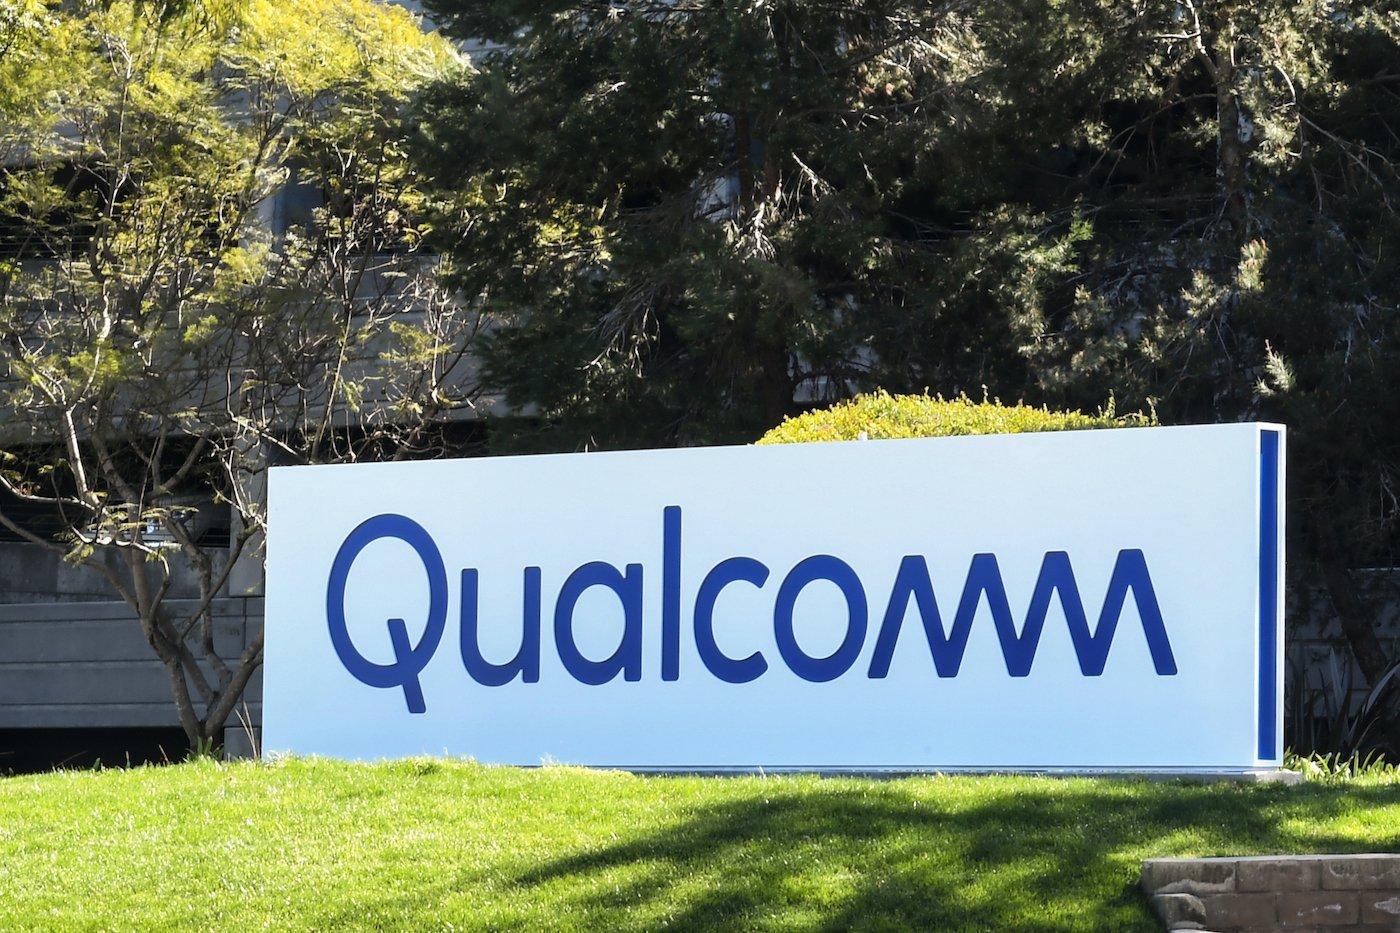 کوالکام در تولید گوشی مشترک گوگل و شرکت هندی Jio نقش کلیدی ایفا میکند